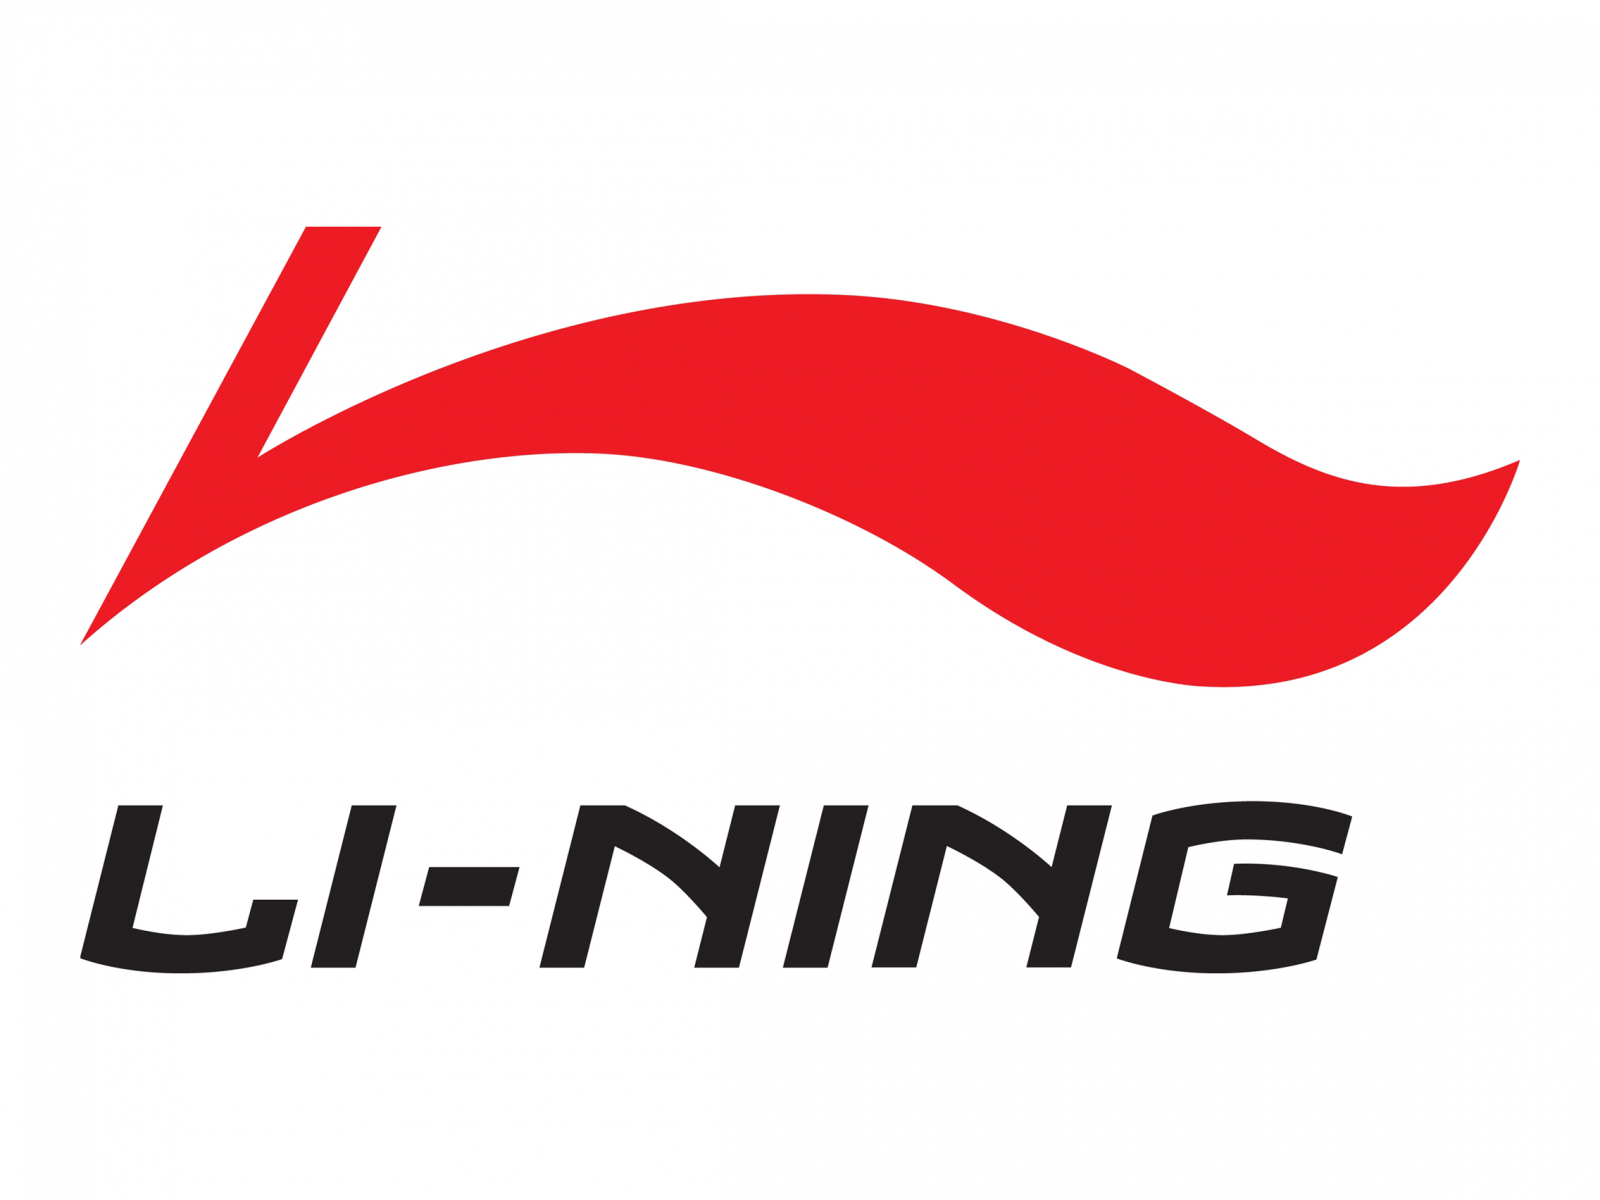 99bf24e0e46 Еще одним популярным брендом китайской спортивной одежды является Li Ning.  Компания начинала свой путь с производства одежды для занятий спортом